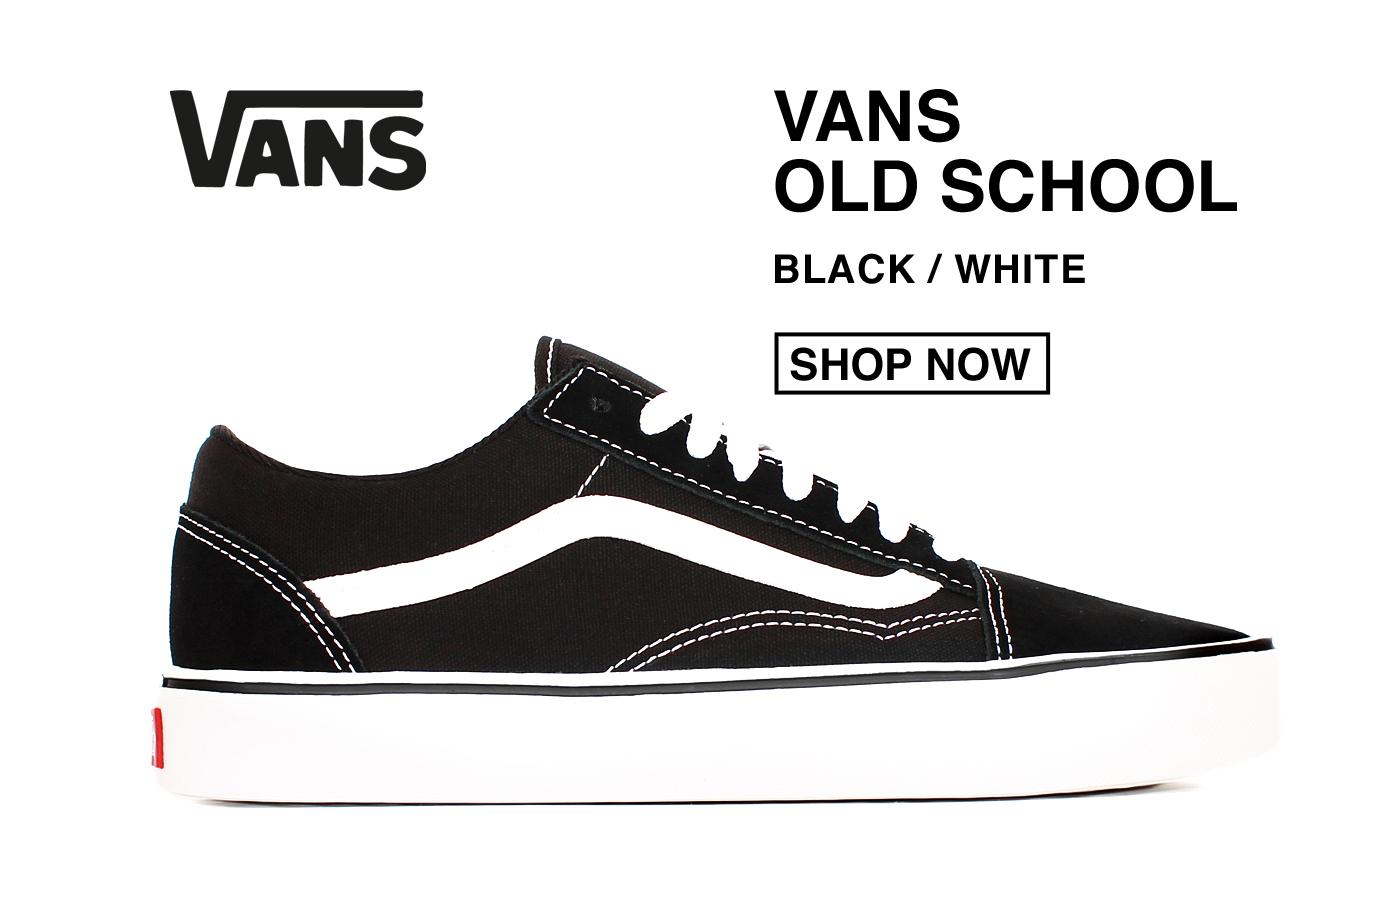 Vans Old School